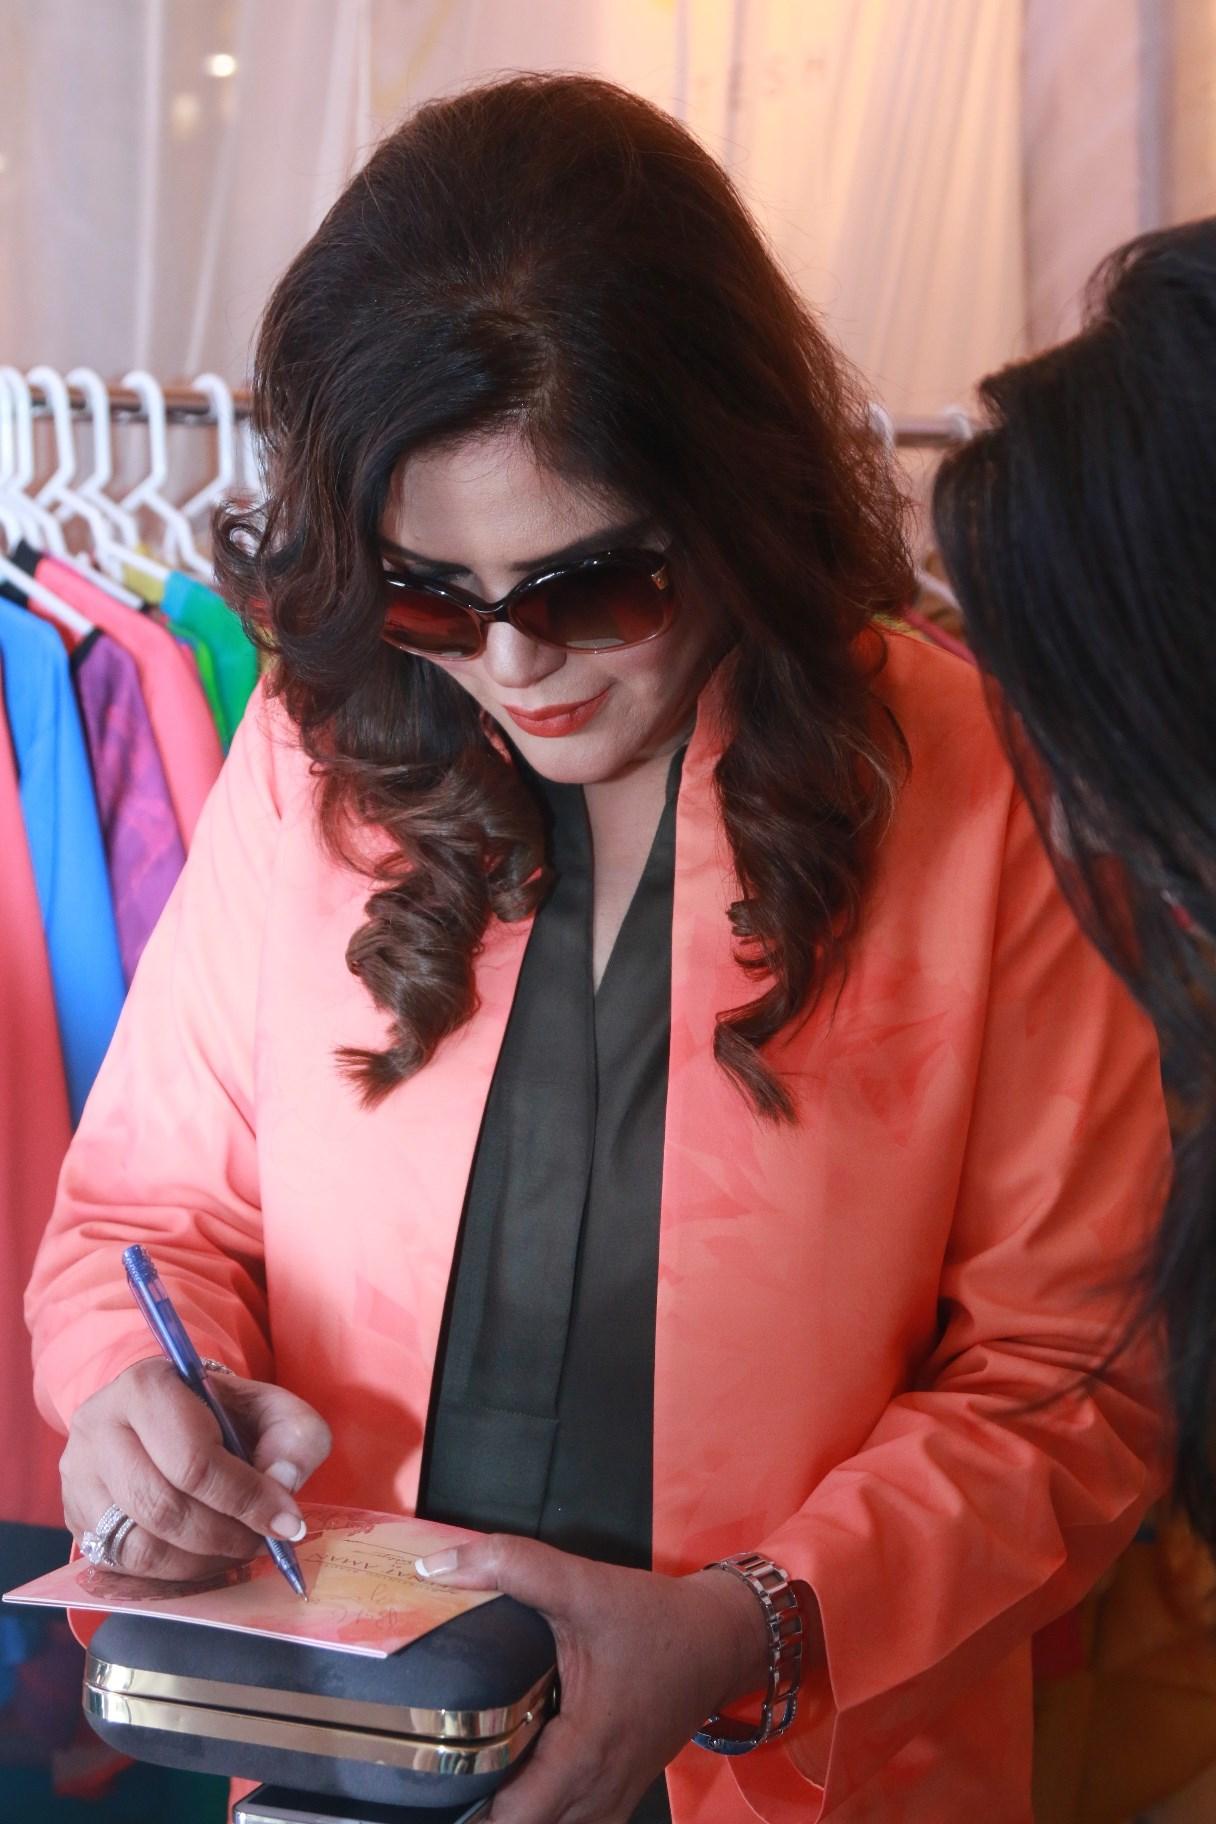 Zeenat Aman giving out an autograph at Shaan-e-Pakistan day 2